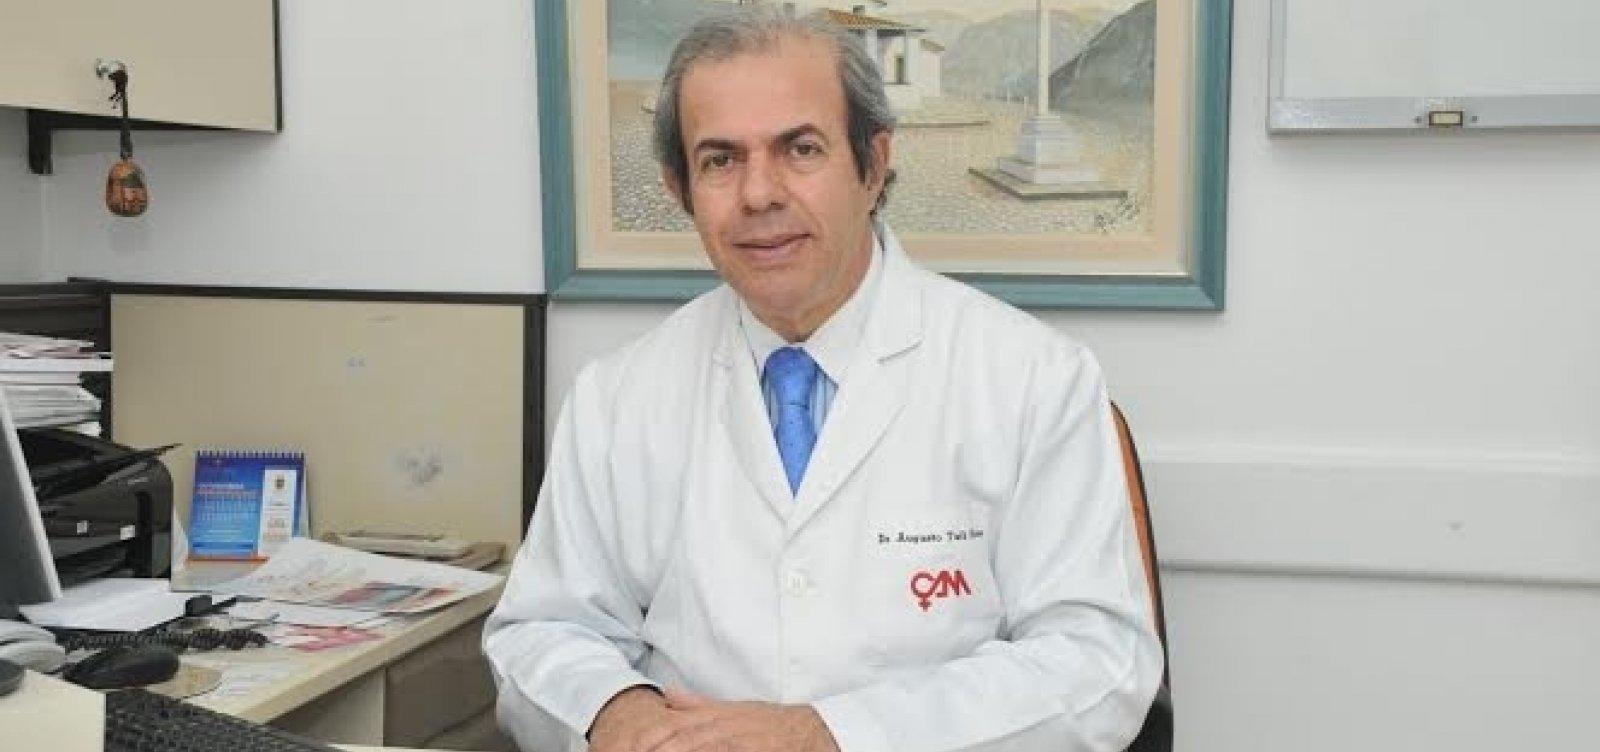 Médico Jacobinense concede entrevista à Mário Kertész na Rádio Metrópole